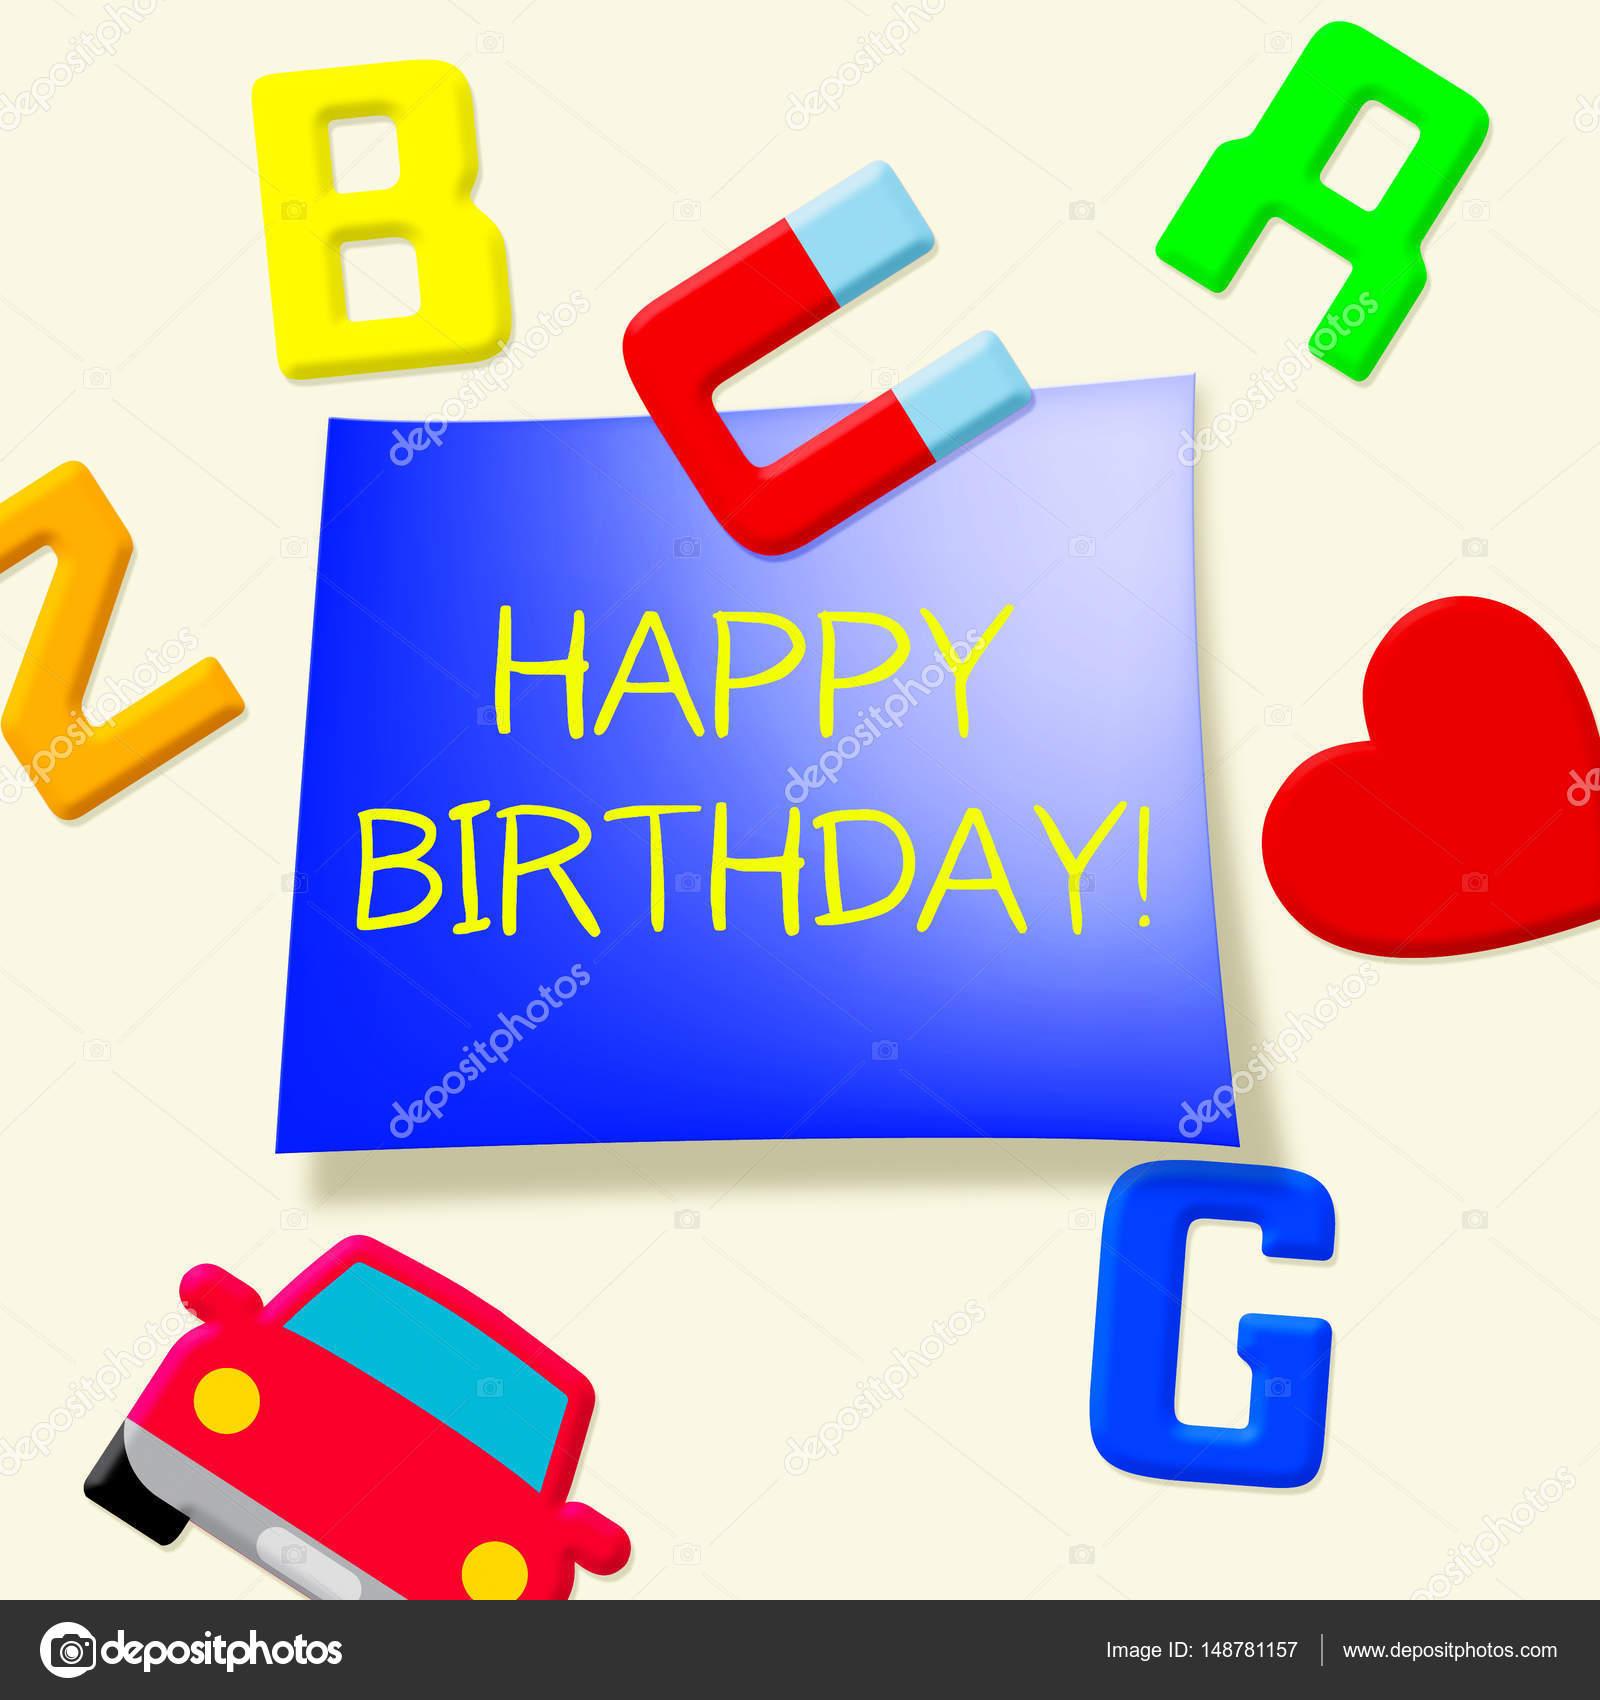 grattis på födelsedagen meddelande Grattis på födelsedagen meddelande indikerar Grattis 3d  grattis på födelsedagen meddelande